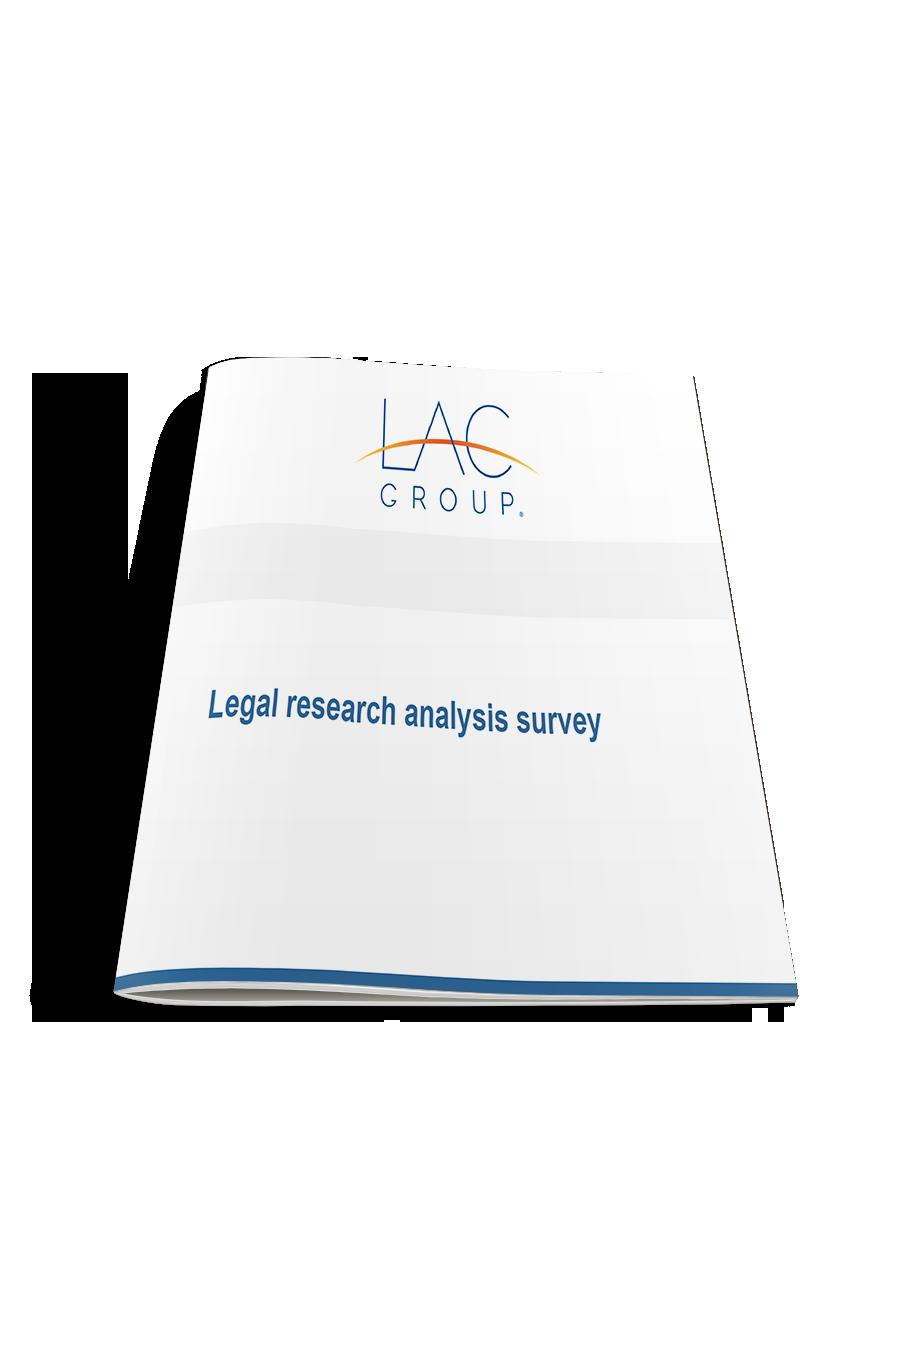 Legal research survey